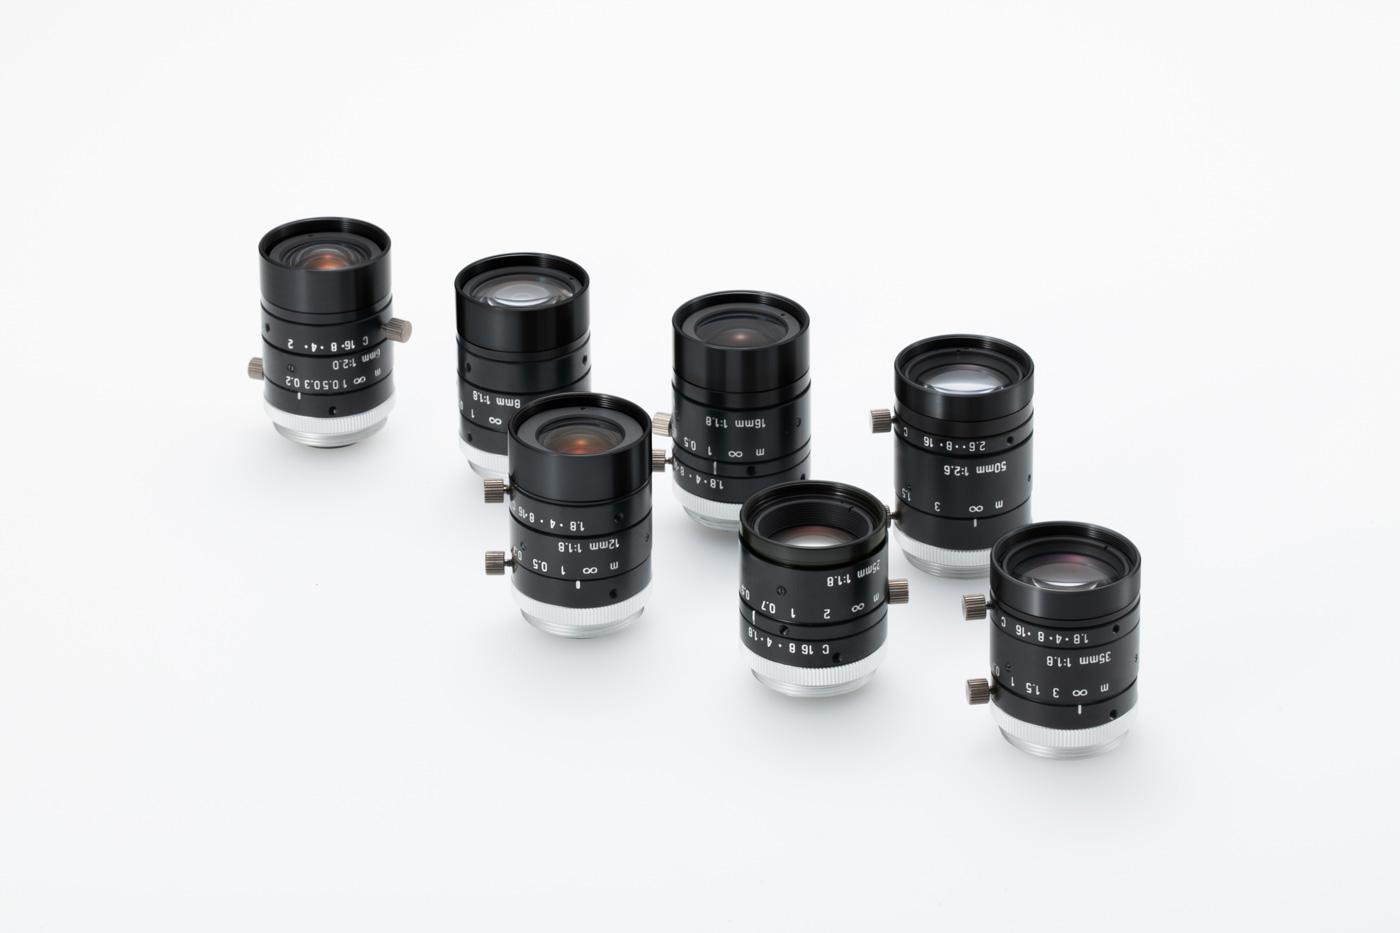 VS-VM 高对比度对应200百万像素CCTV镜头